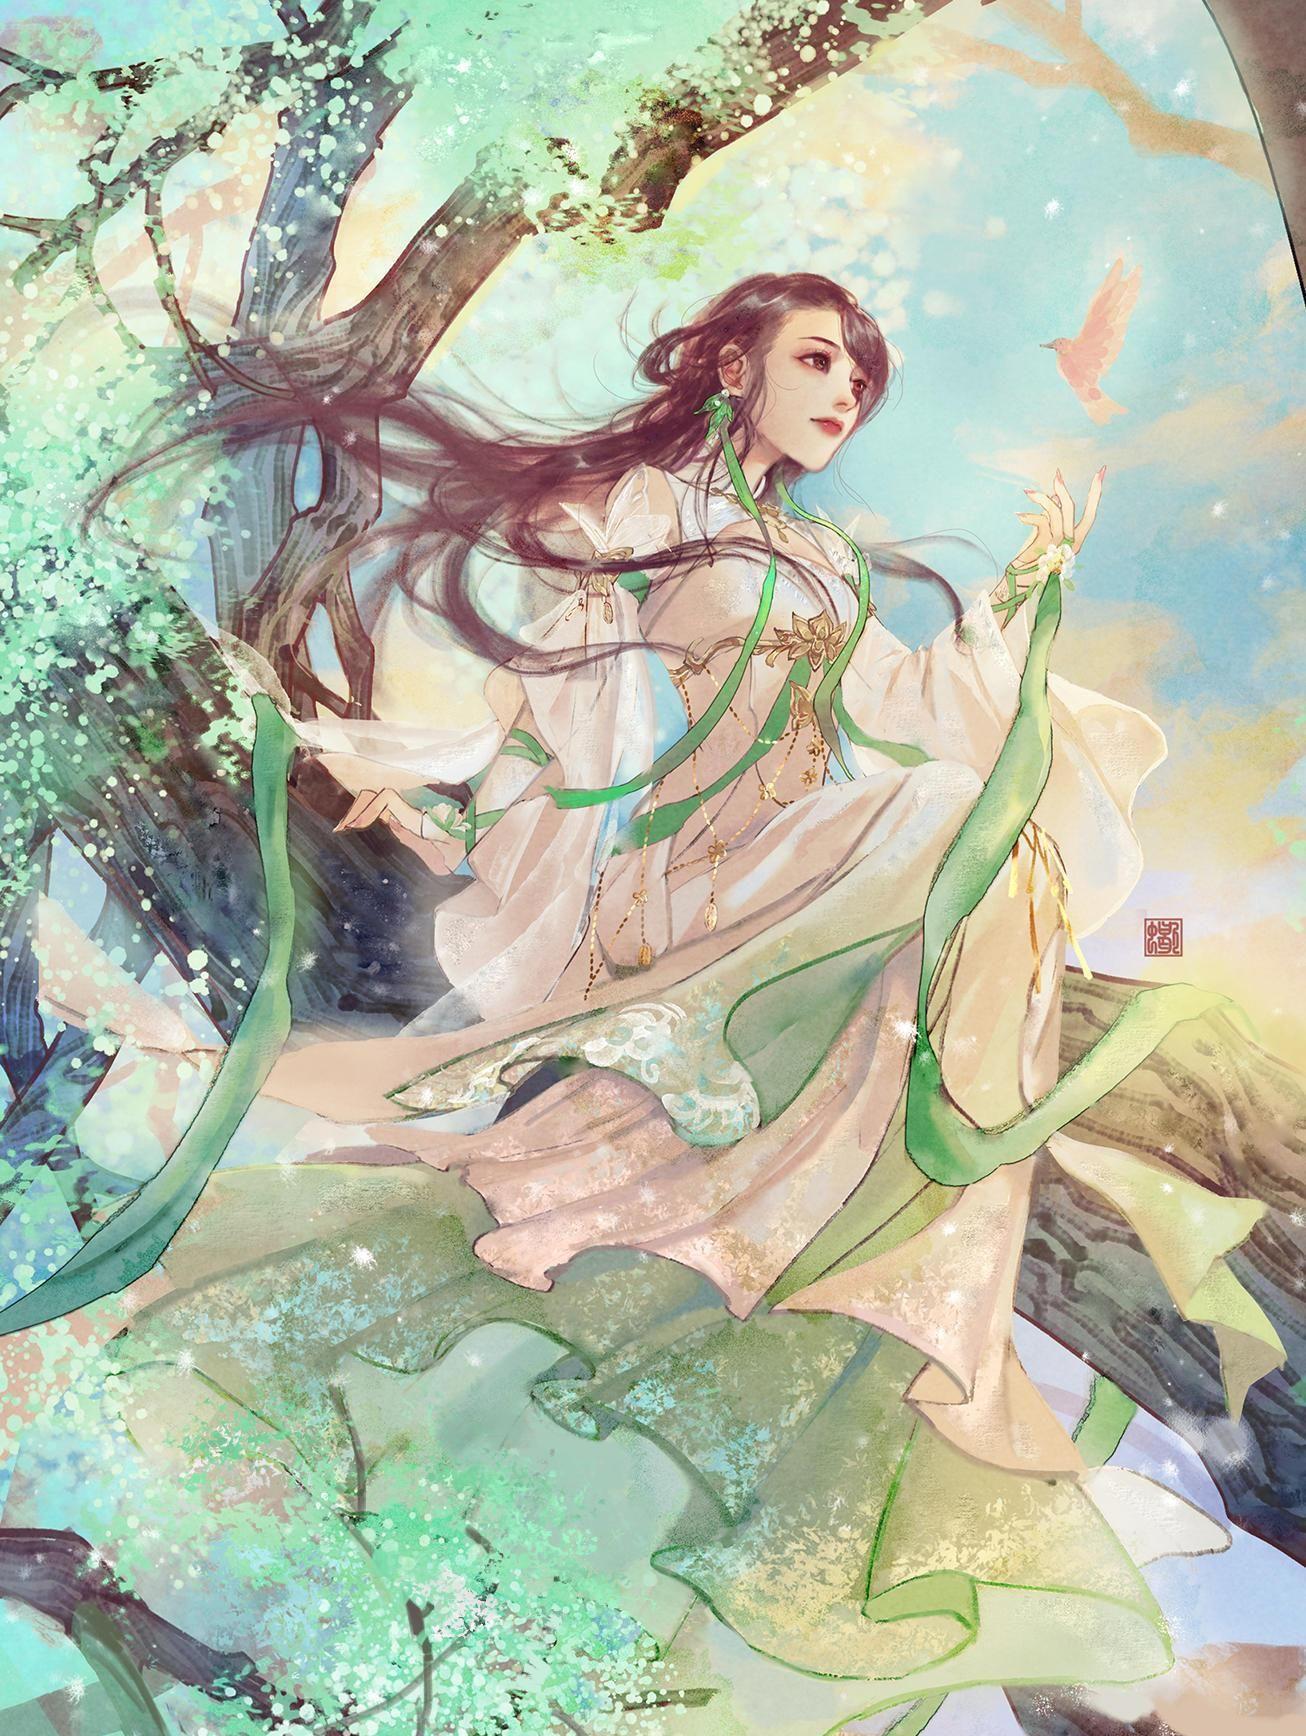 古风手绘女生唯美壁纸,对月形单望相护,只羡鸳鸯不羡仙!